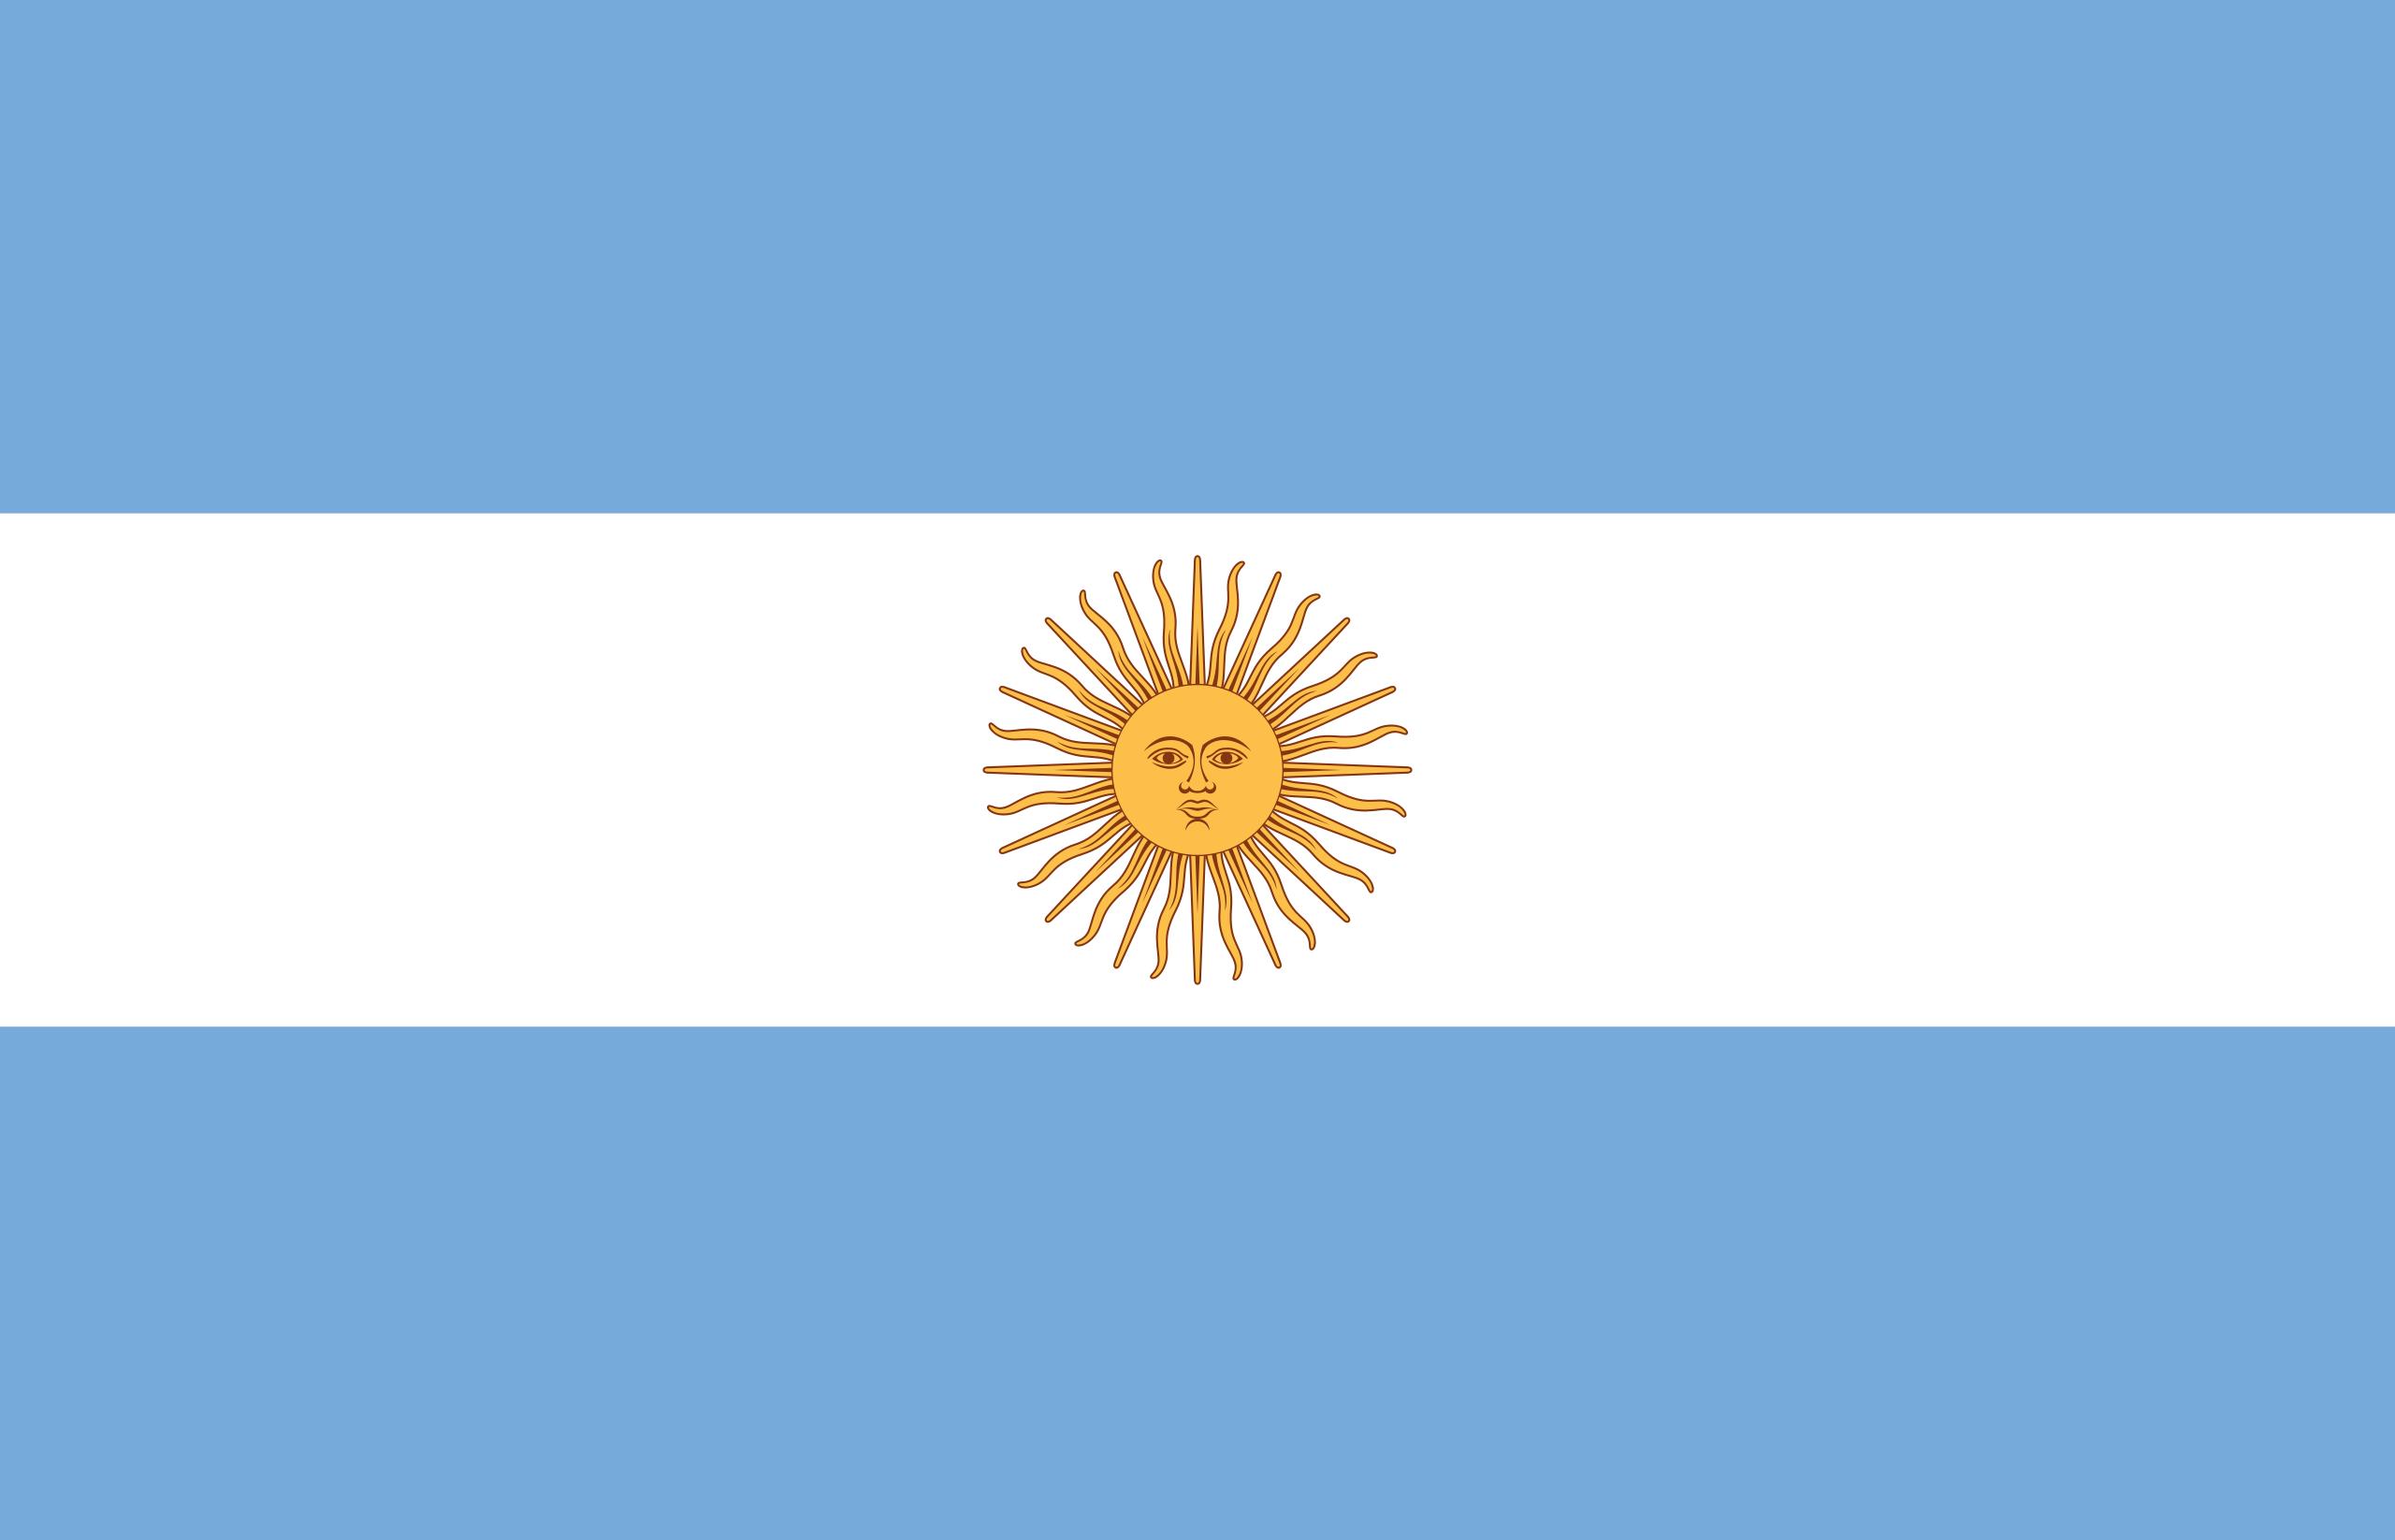 Αργεντινή, χώρα, έμβλημα, λογότυπο, σύμβολο - Wallpapers HD - Professor-falken.com